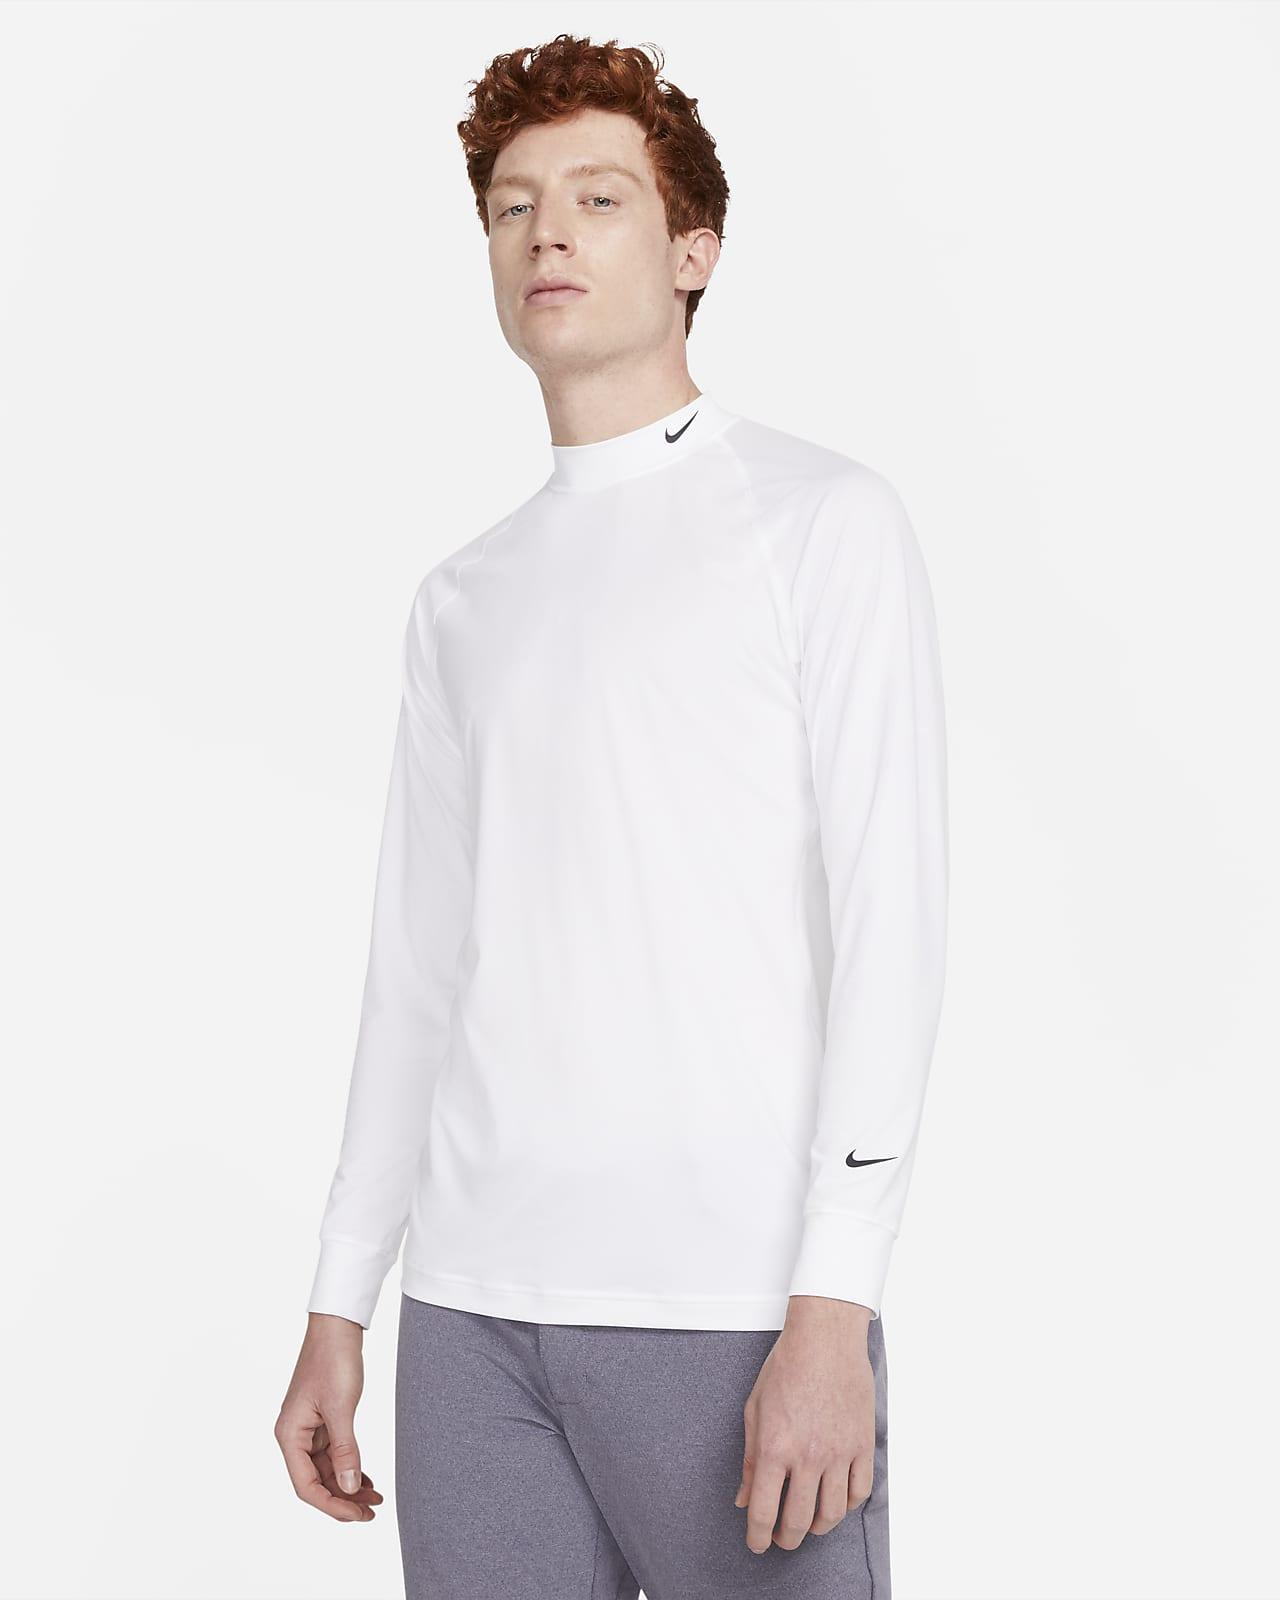 Camiseta de golf de manga larga para hombre Nike Dri-FIT UV Vapor